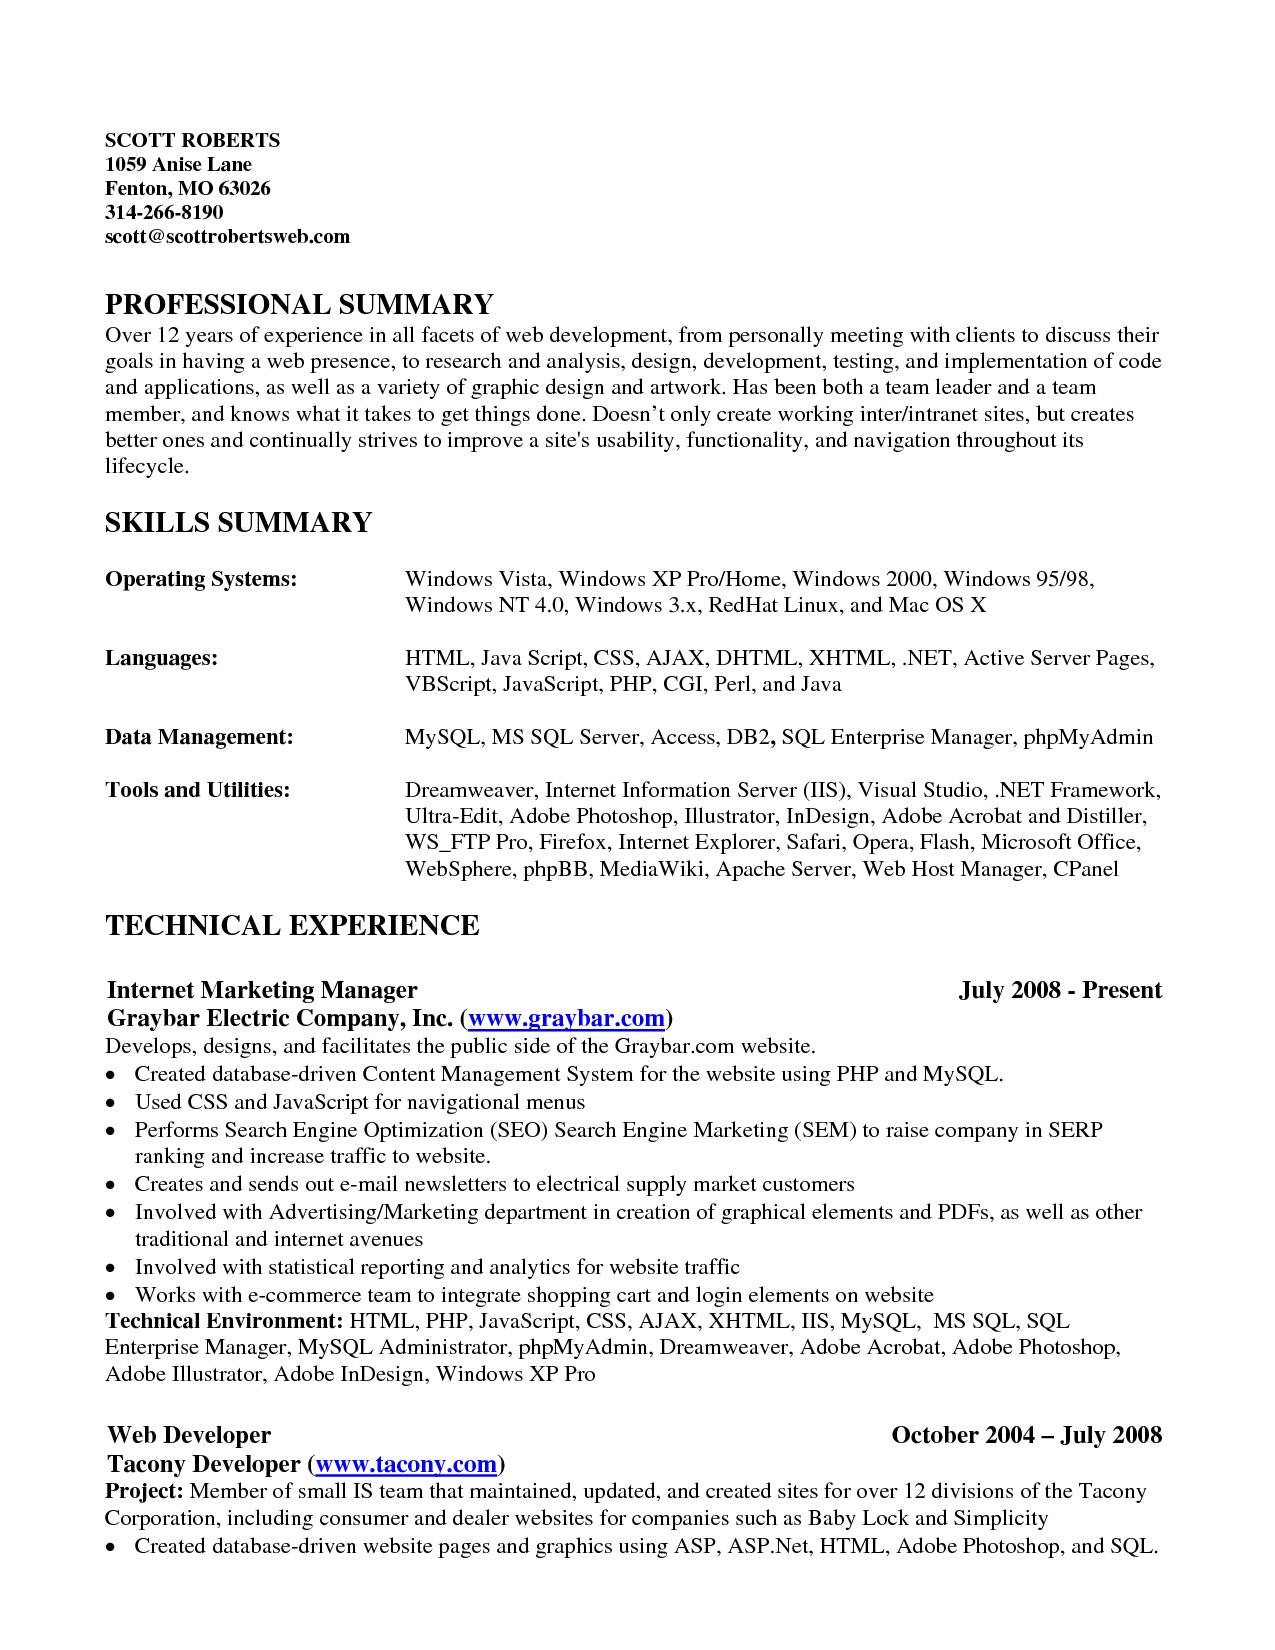 Superb Template On Skills Summary Resume